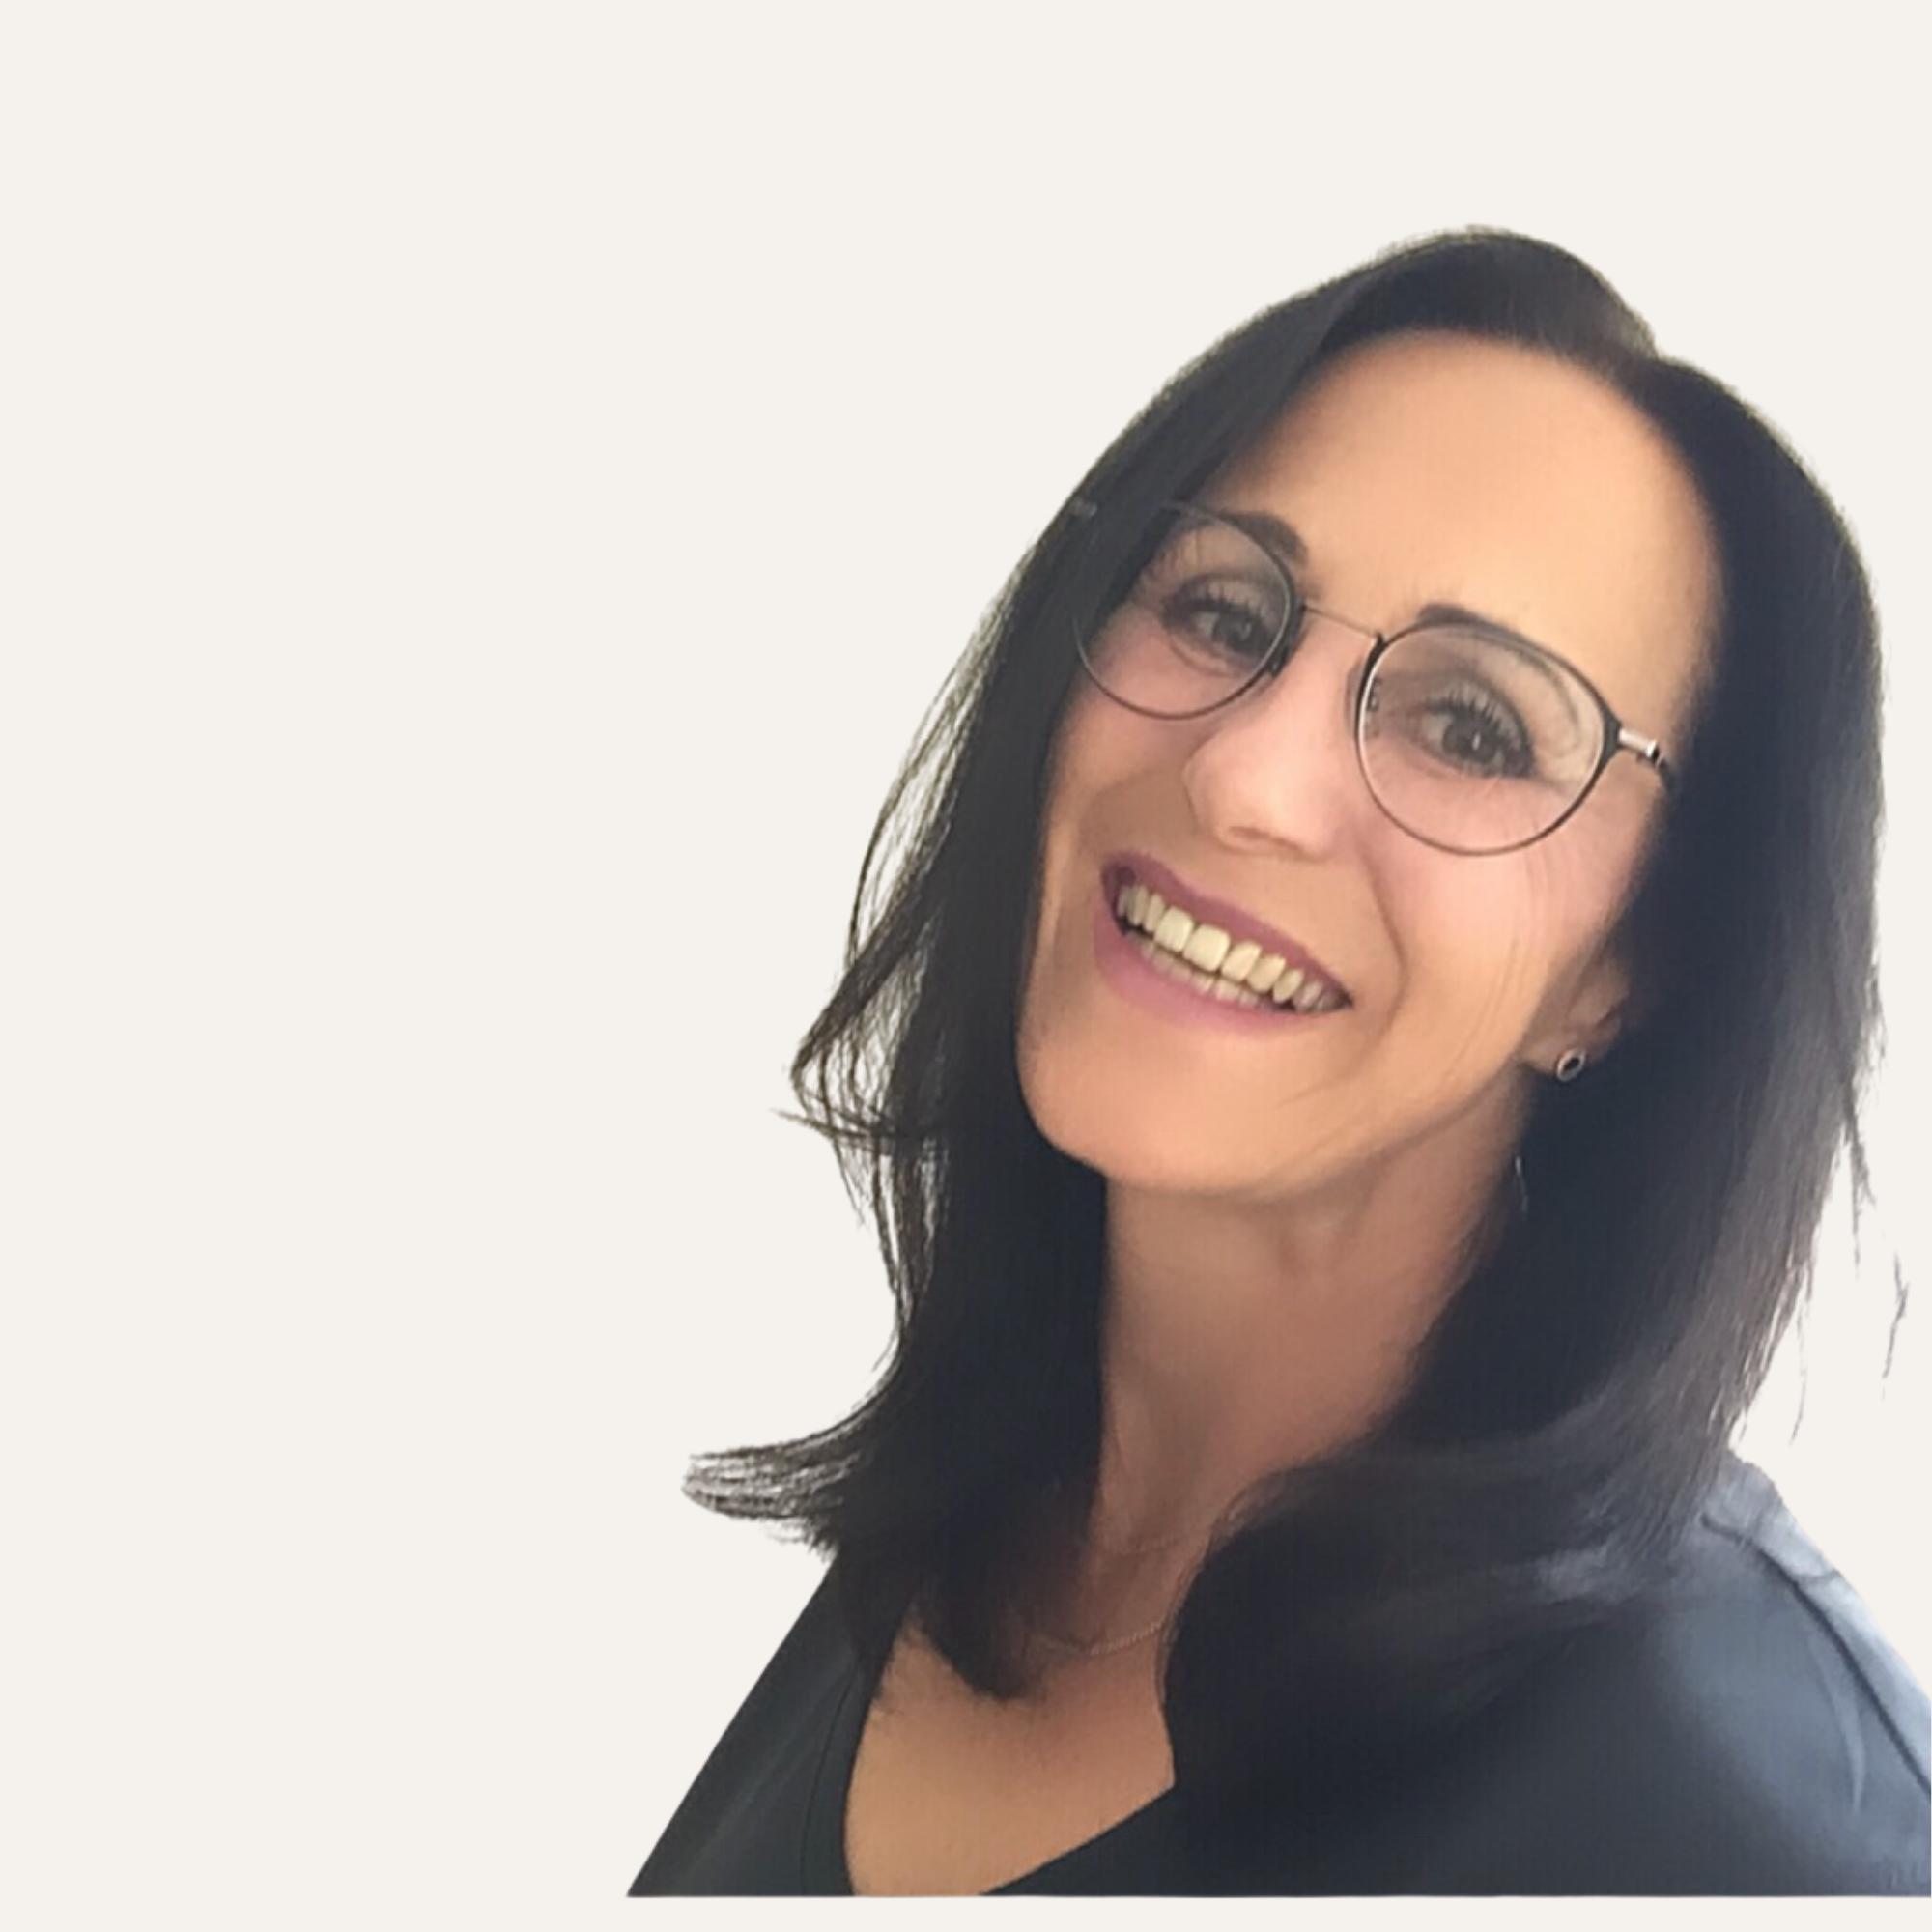 Matina Haacks Gründerin imFLUSSsein. Mehr Gelassenheit und weniger Stress.